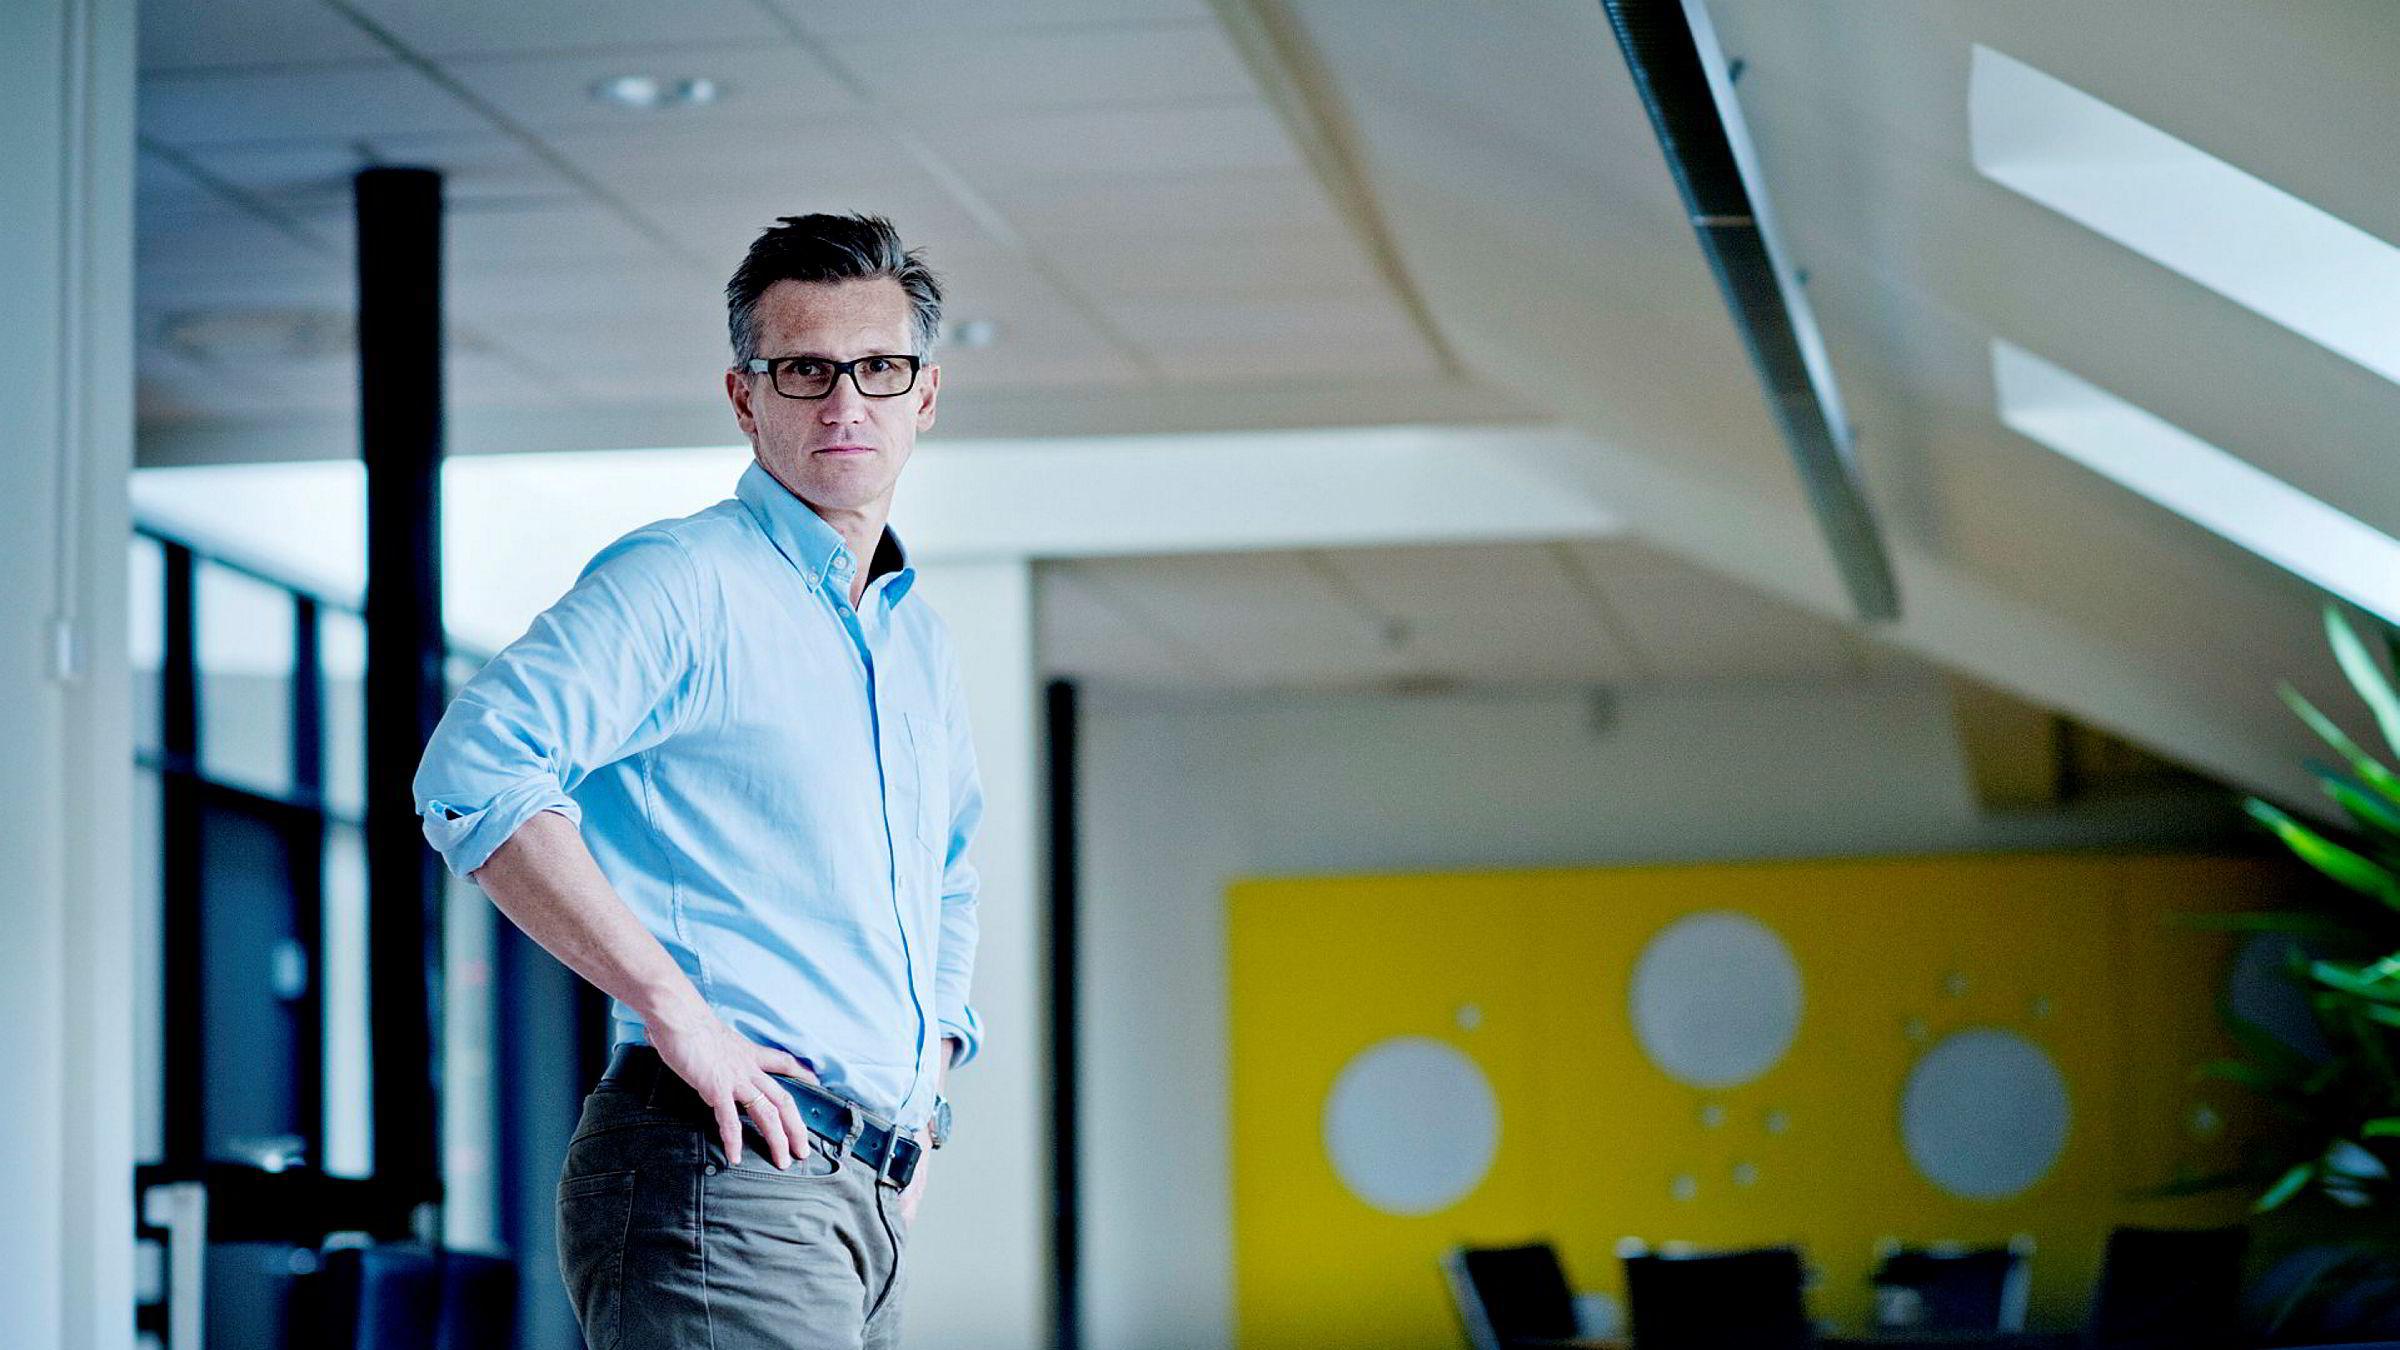 «Jeg ønsker ikke et samfunn der alt vi gjør blir analysert og får konsekvenser, som når kredittvurderinger påvirkes av om jeg lader mobilen om natten», sier Datatilsynets direktør Bjørn Erik Thon.